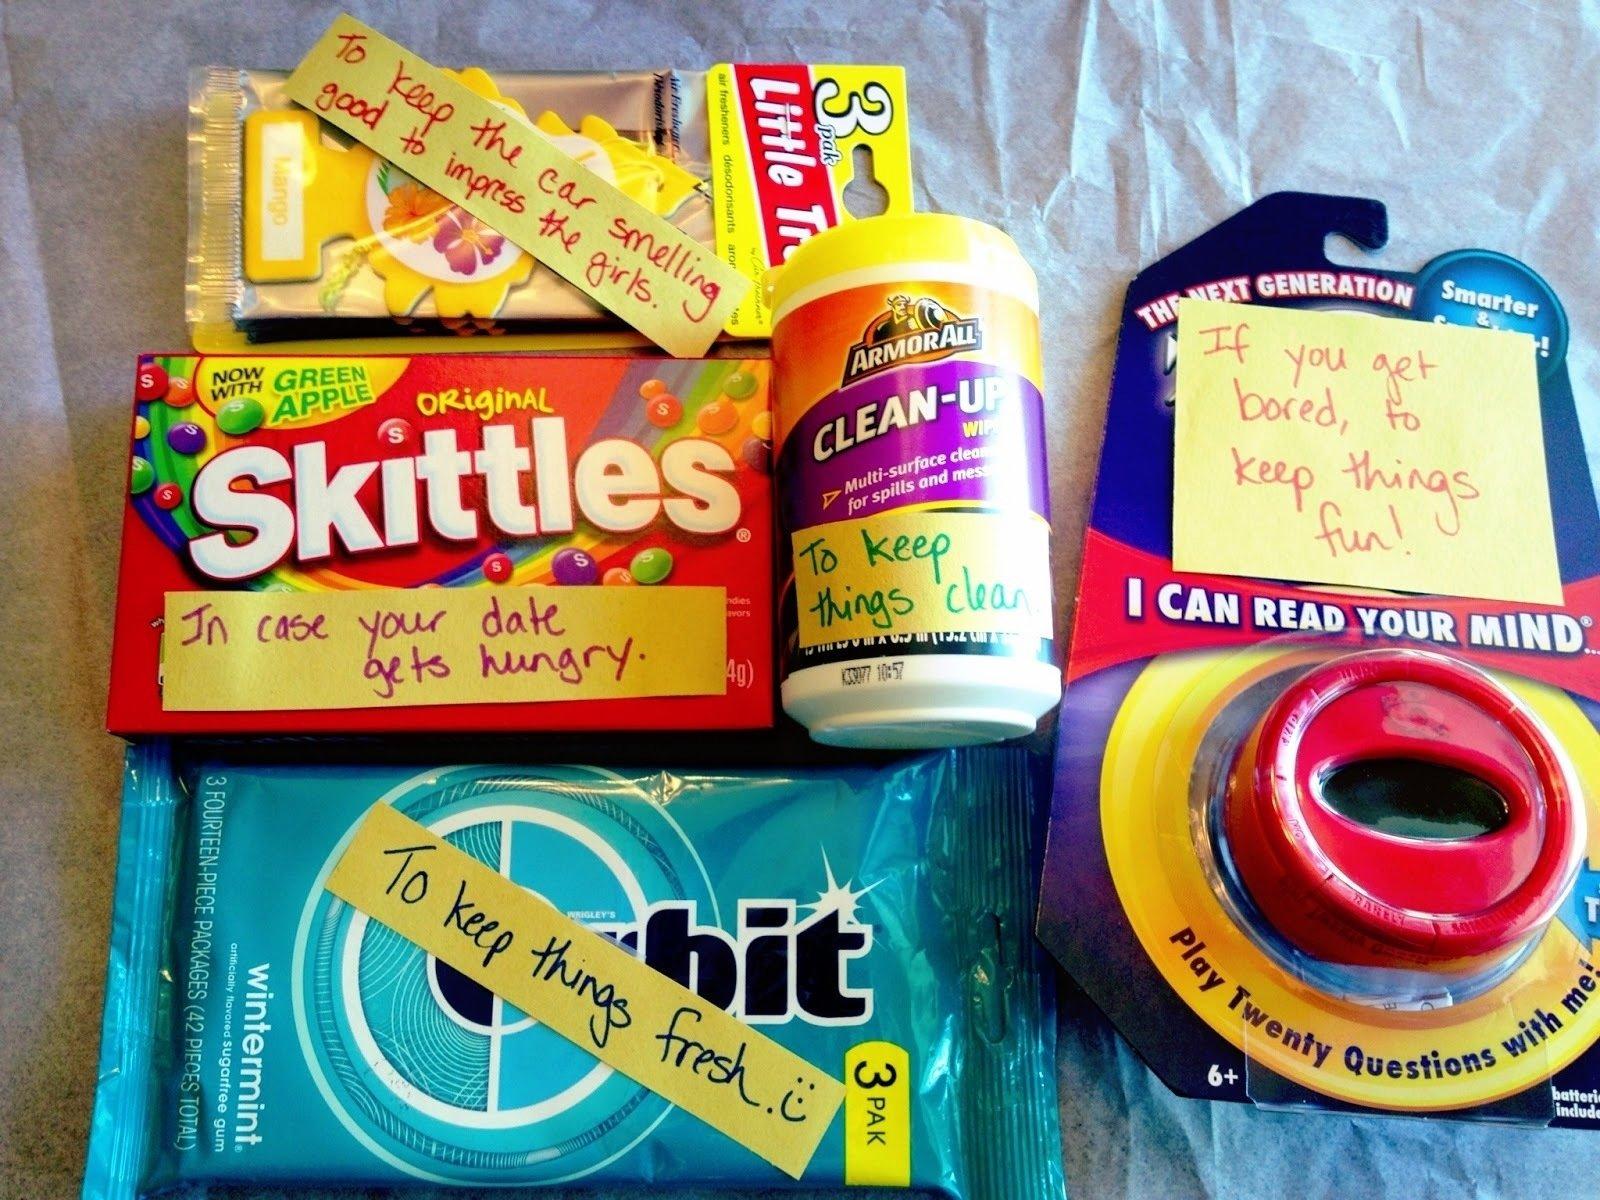 10 Stylish Gift Ideas For A 16 Year Old Boy gift ideas for boyfriend gift ideas for 16 year old 16 year old boy 6 2020